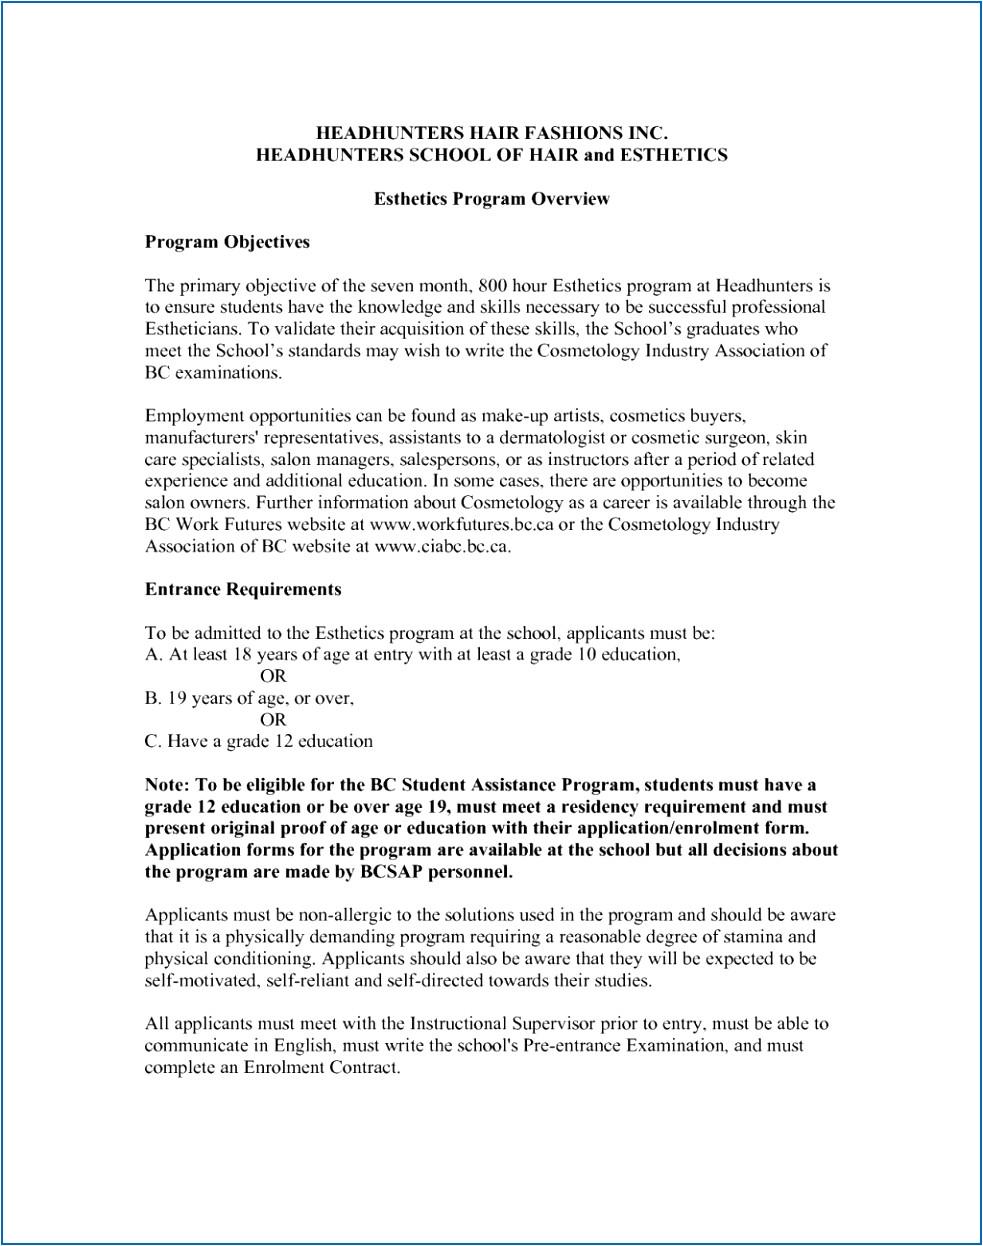 sample esthetician resume cbnla